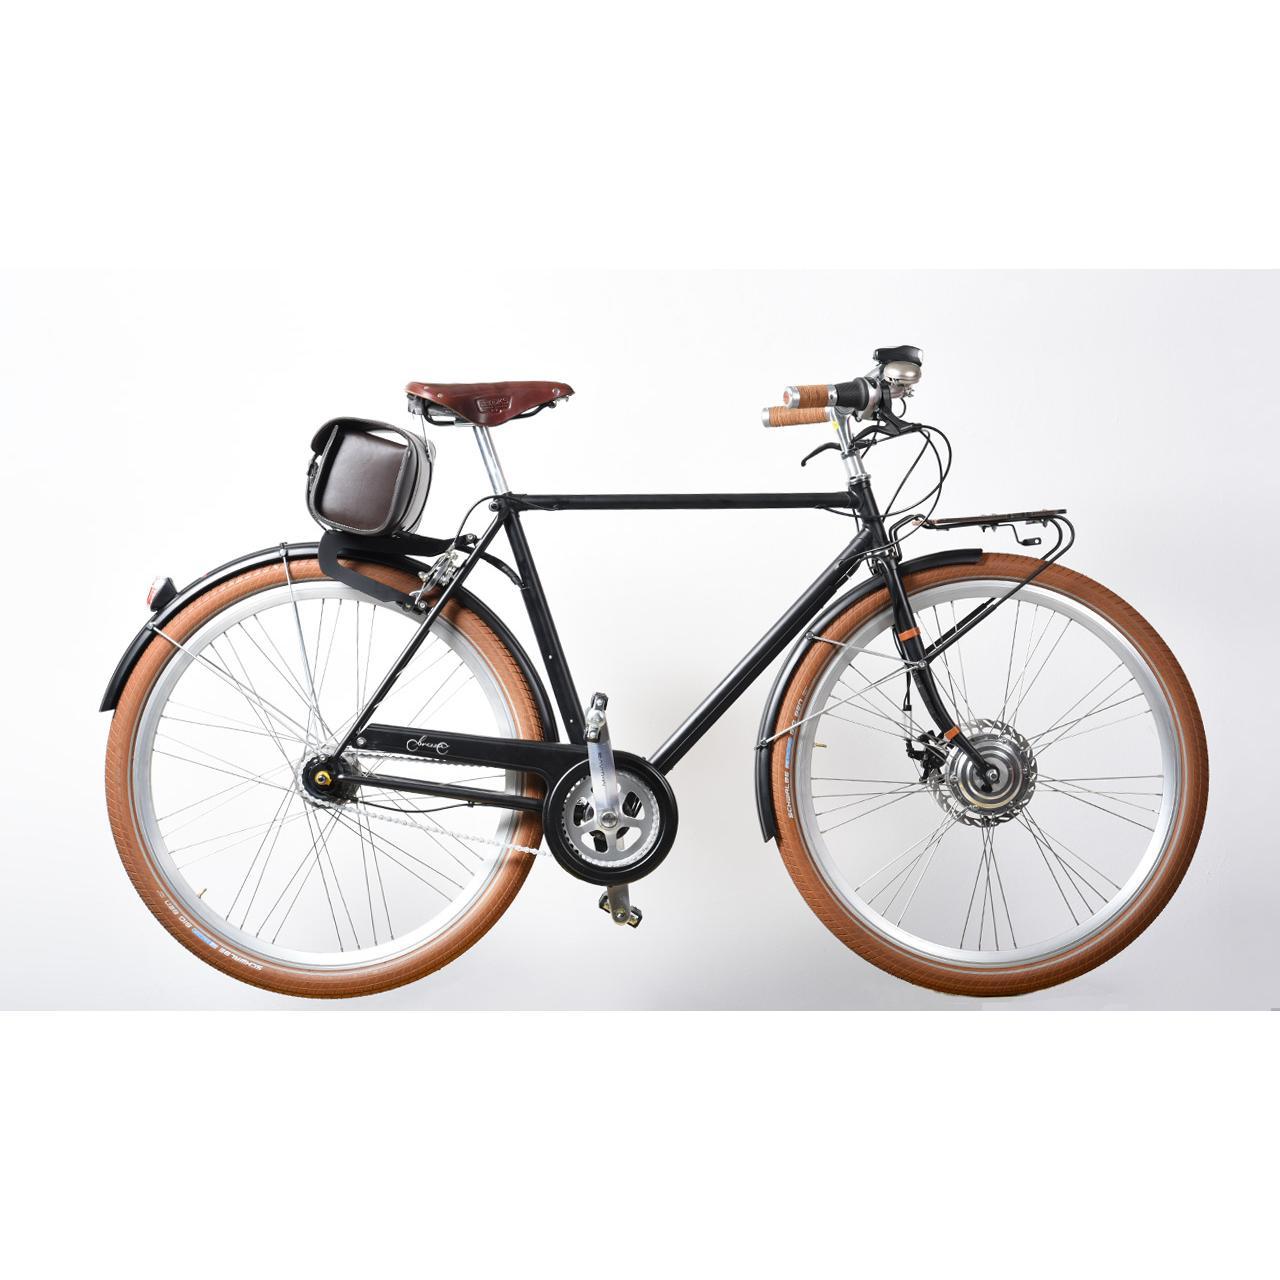 Bici elettrica uomo classica in offerta dai migliori ecommerce